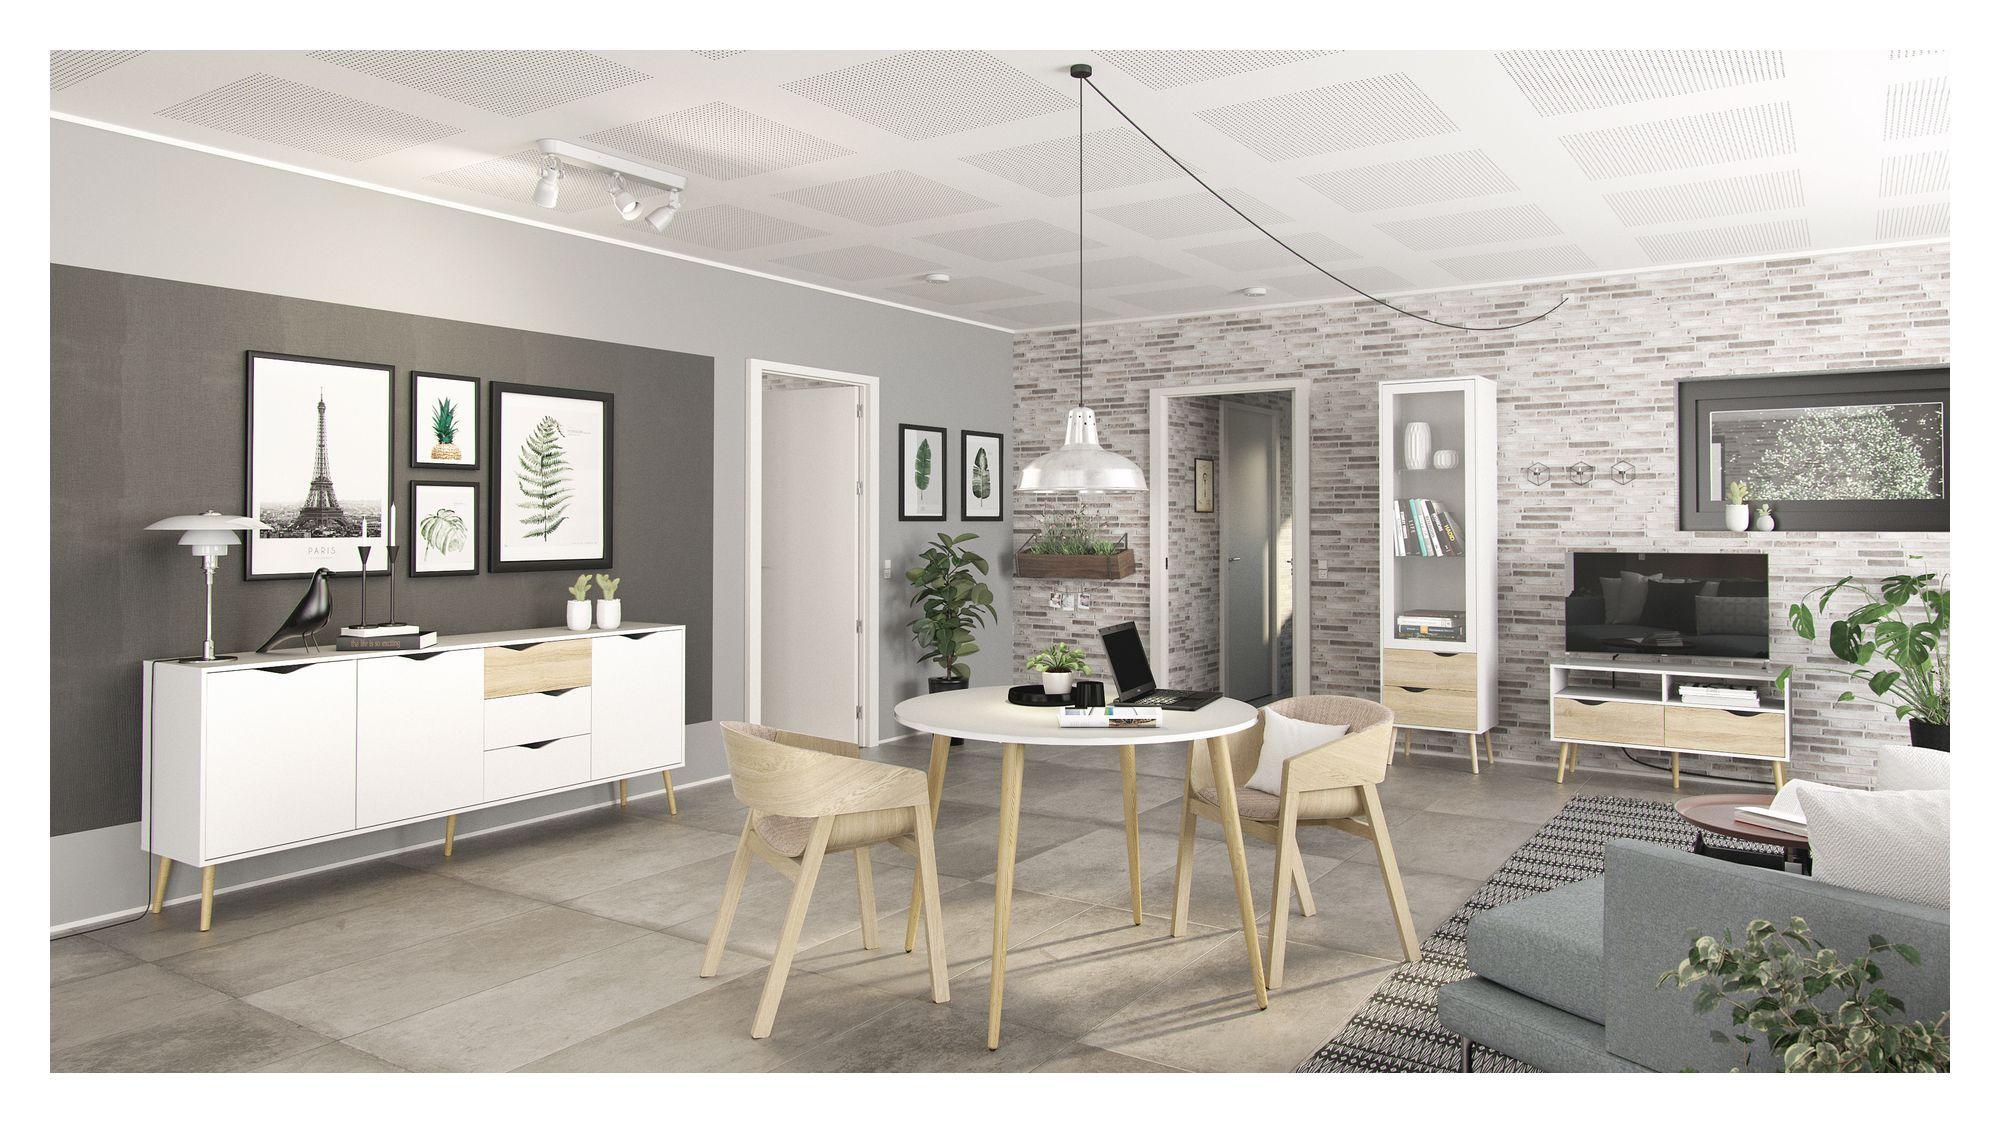 Delta Spisebord - Hvid - Rundt spisebord i hvid med træben